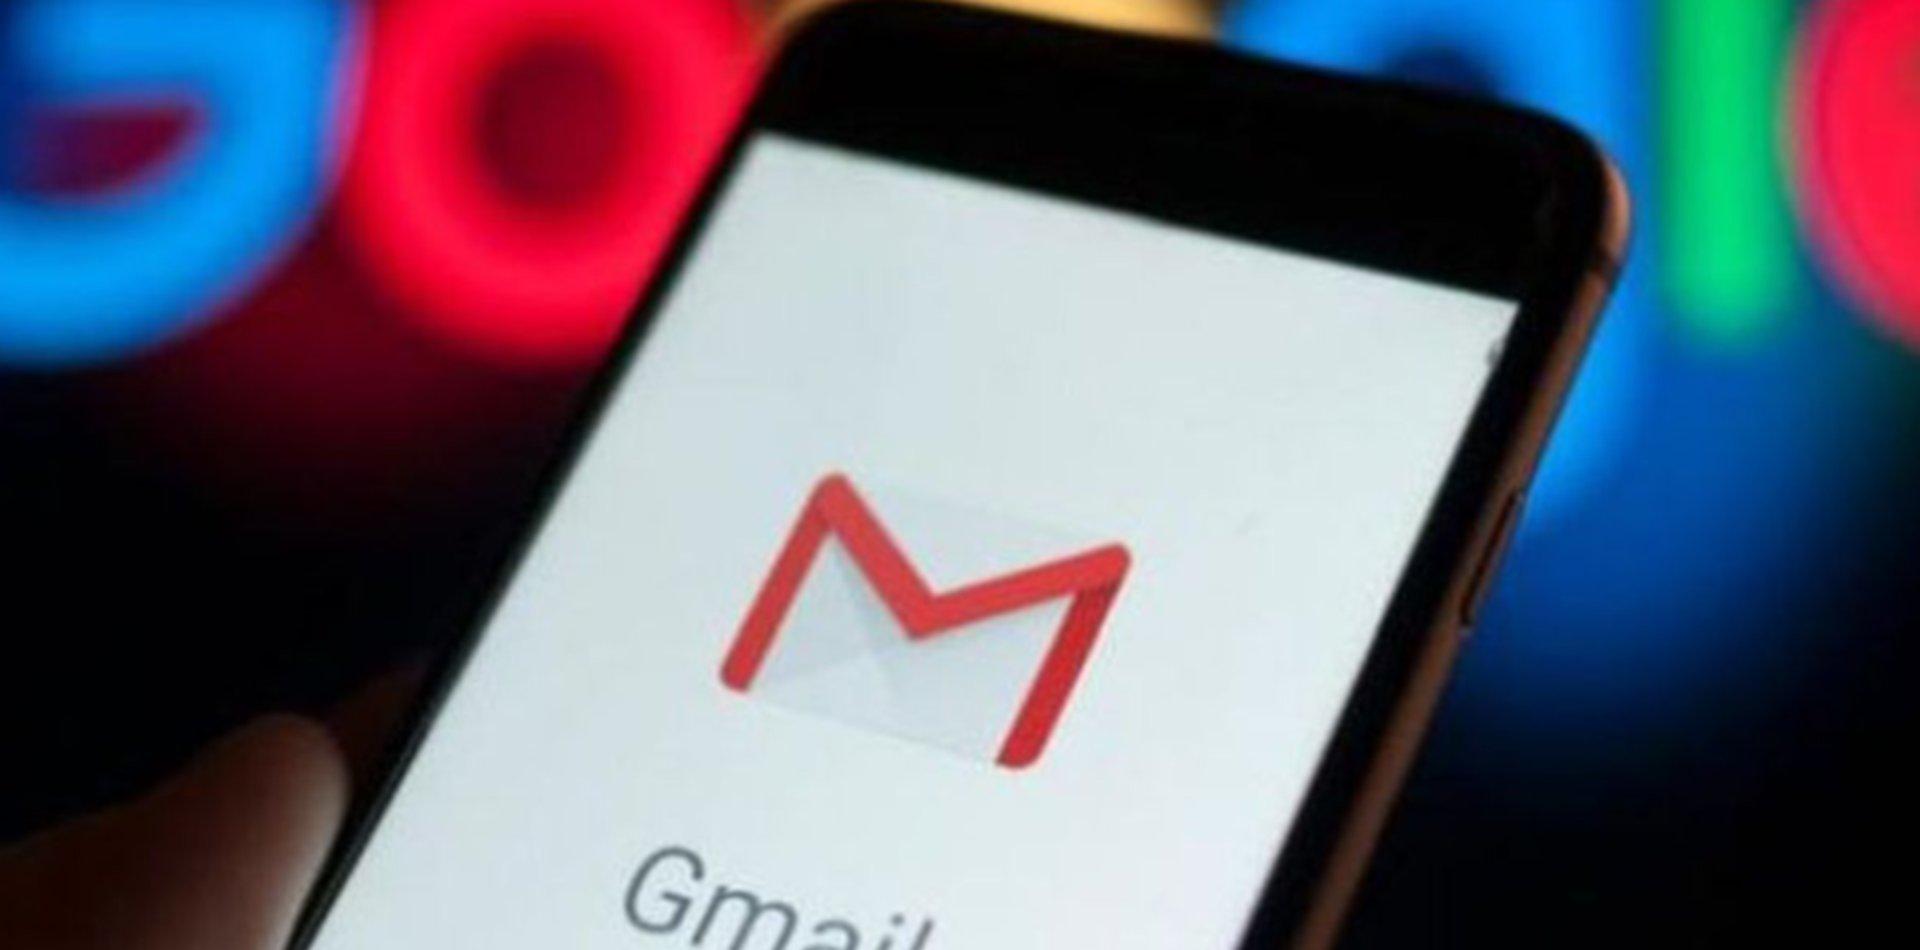 ¿Qué pasará con las fotos, correos y datos cuando Google modifique su servicio en junio?